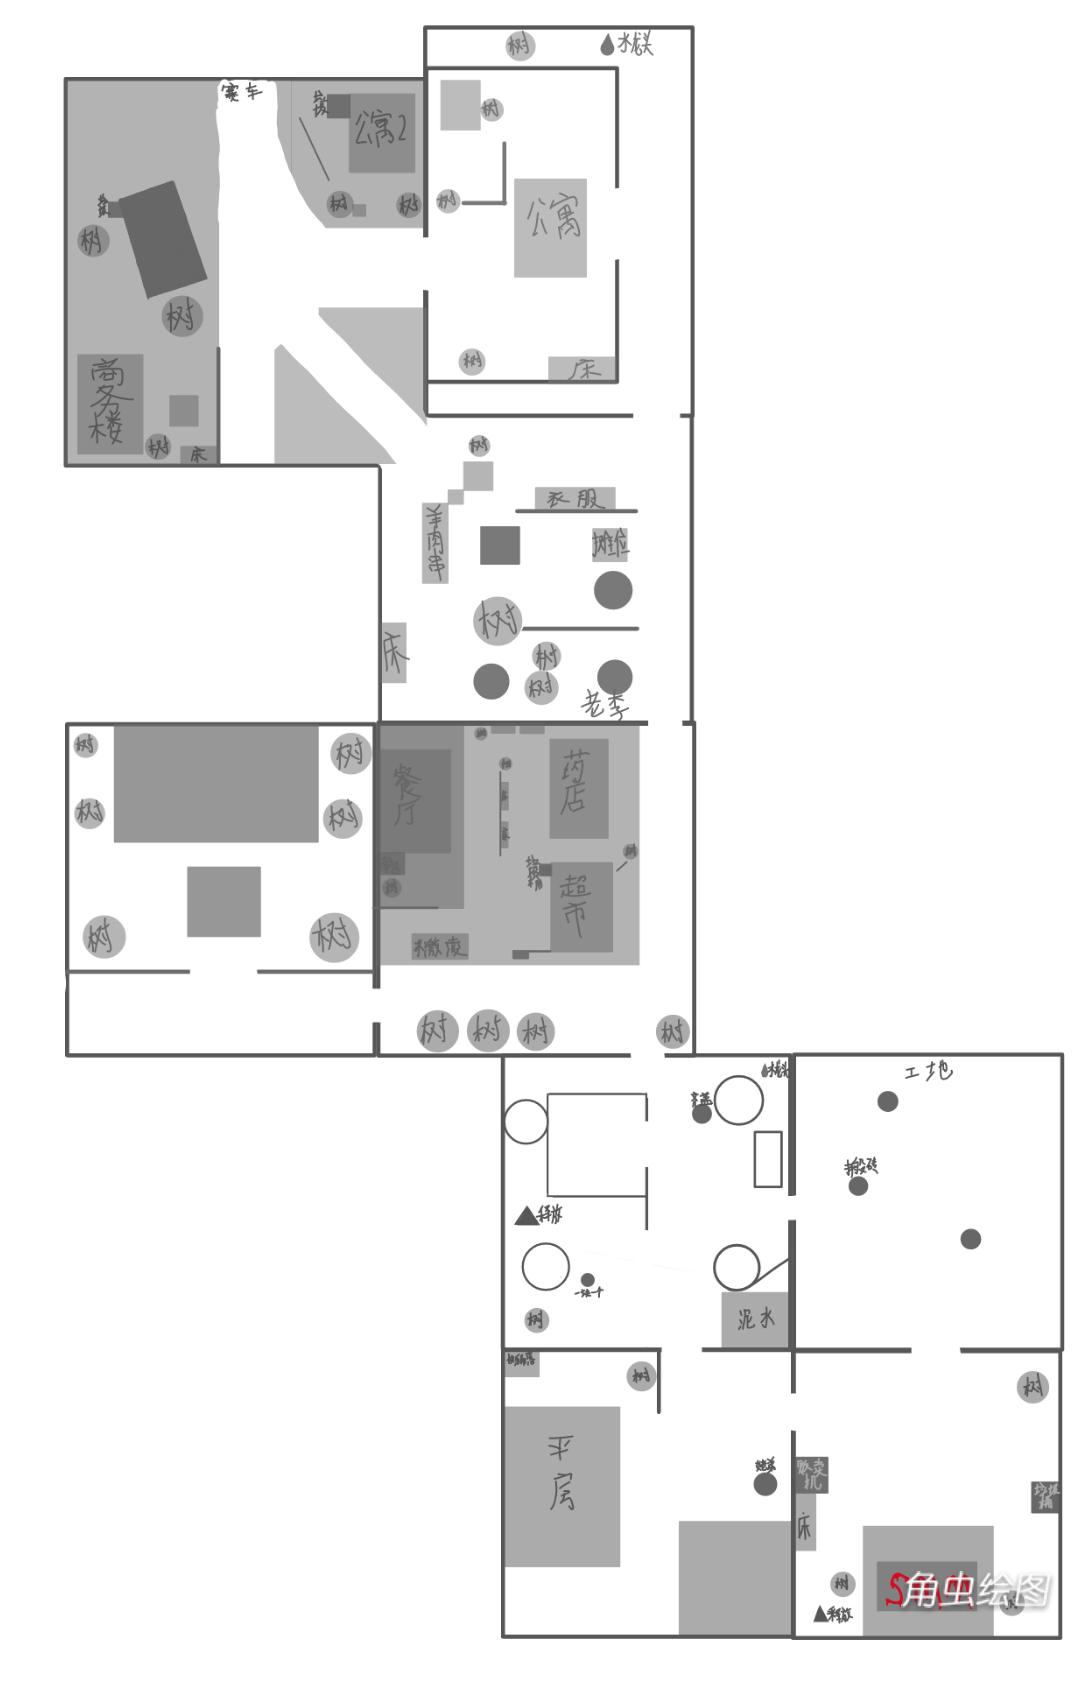 属性与生活3地图详解 地图平面图一览